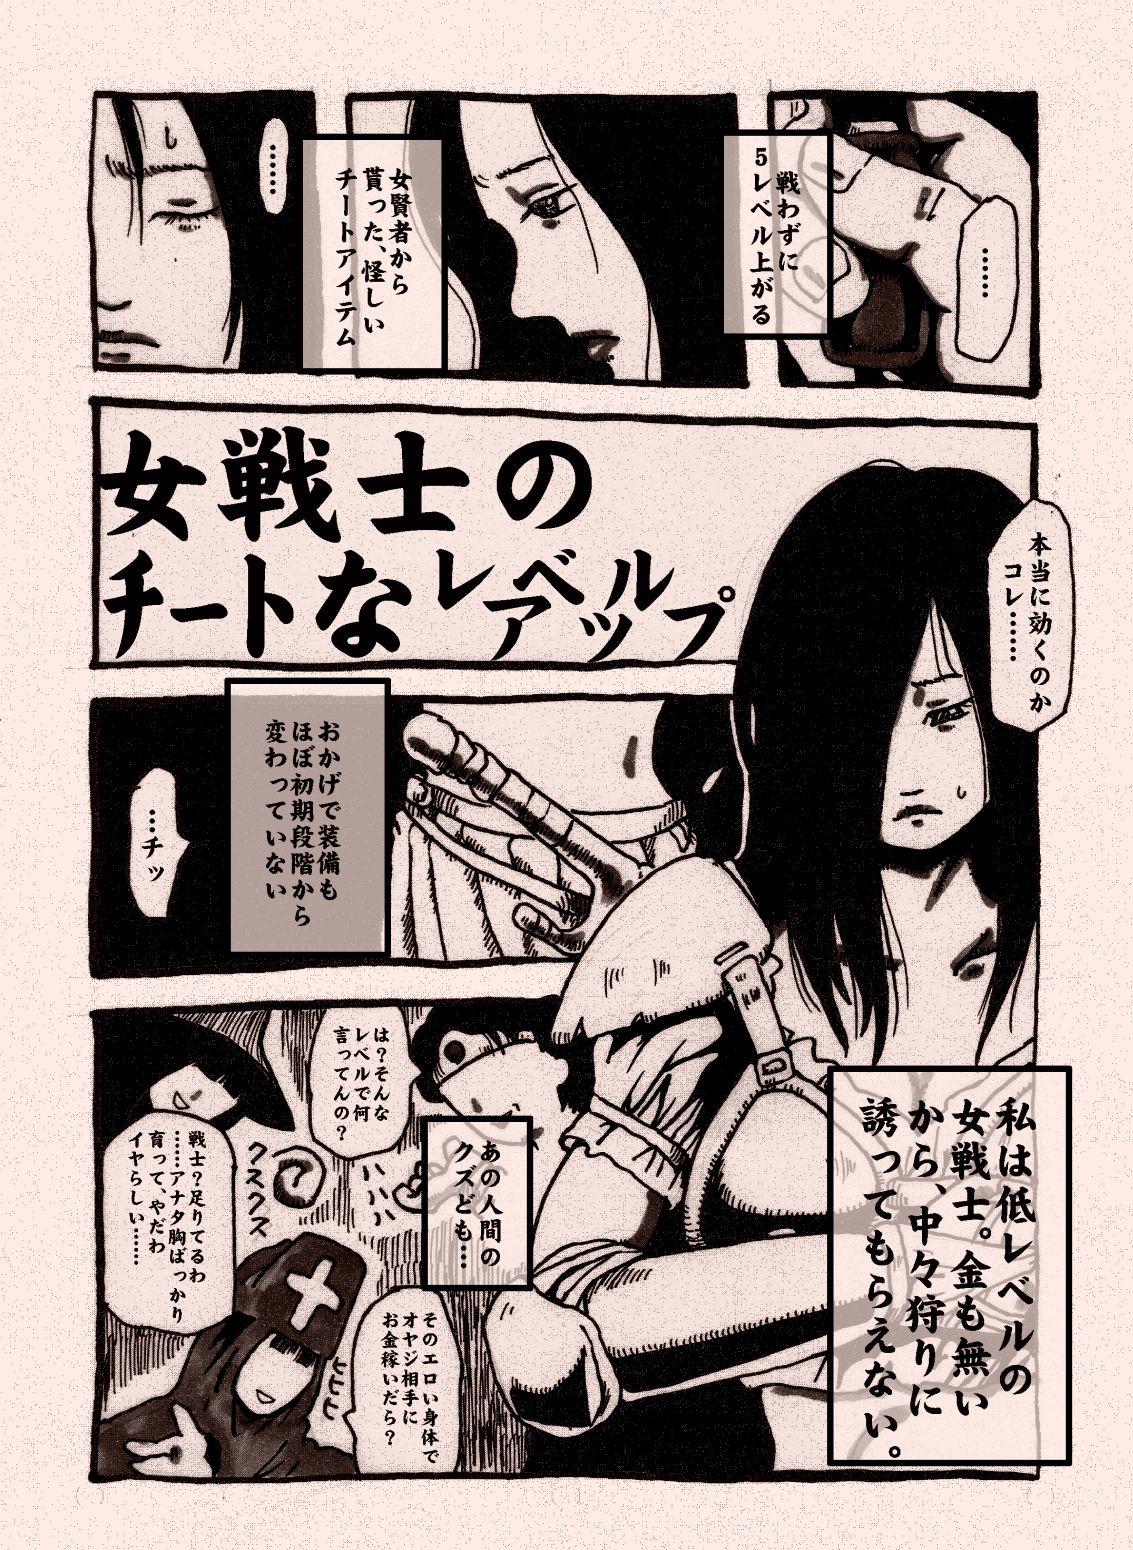 【奇人楼 同人】女戦士のチートなレベルアップ